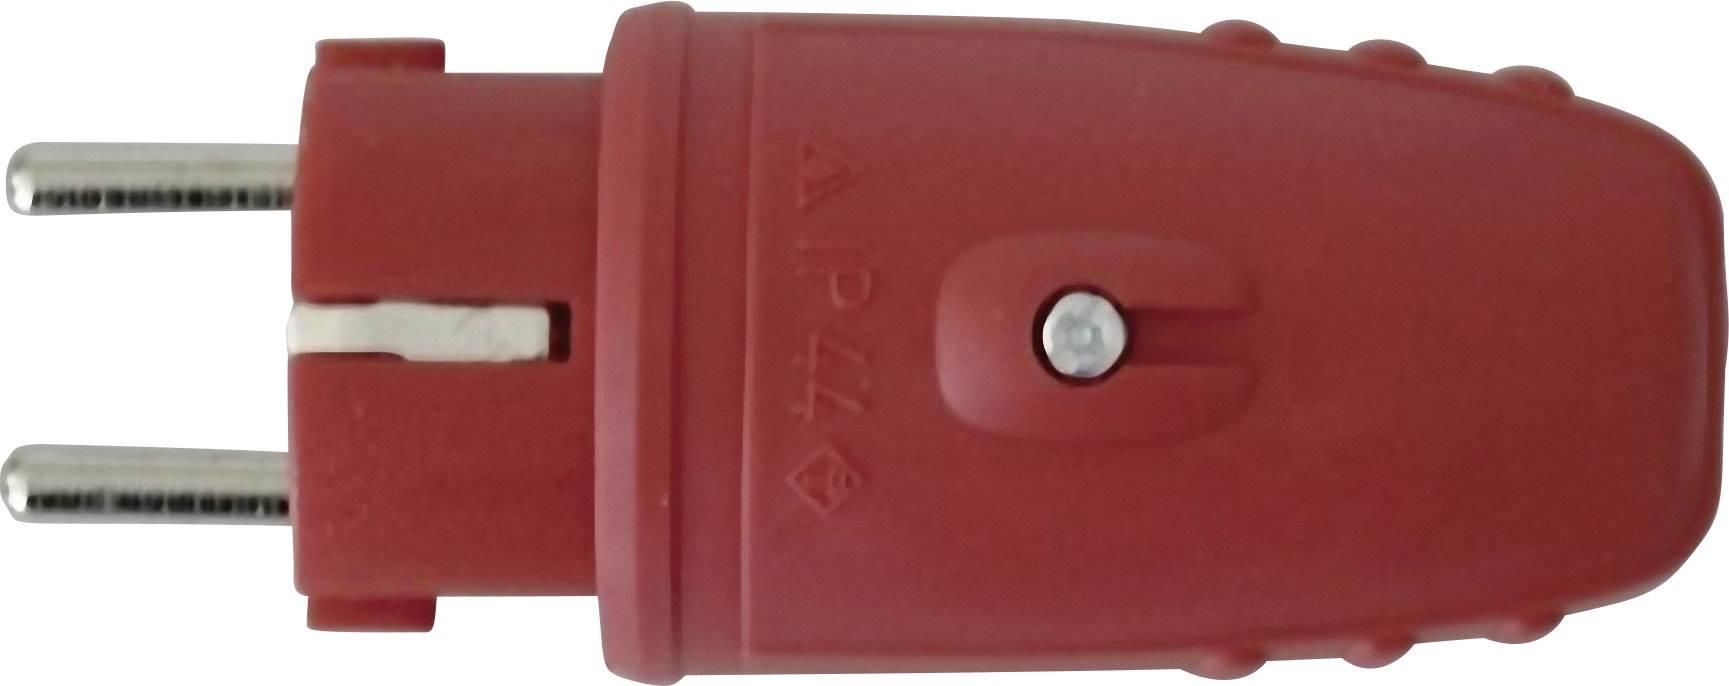 Zástrčka SchuKo 627712, guma, IP20, 230 V, červená